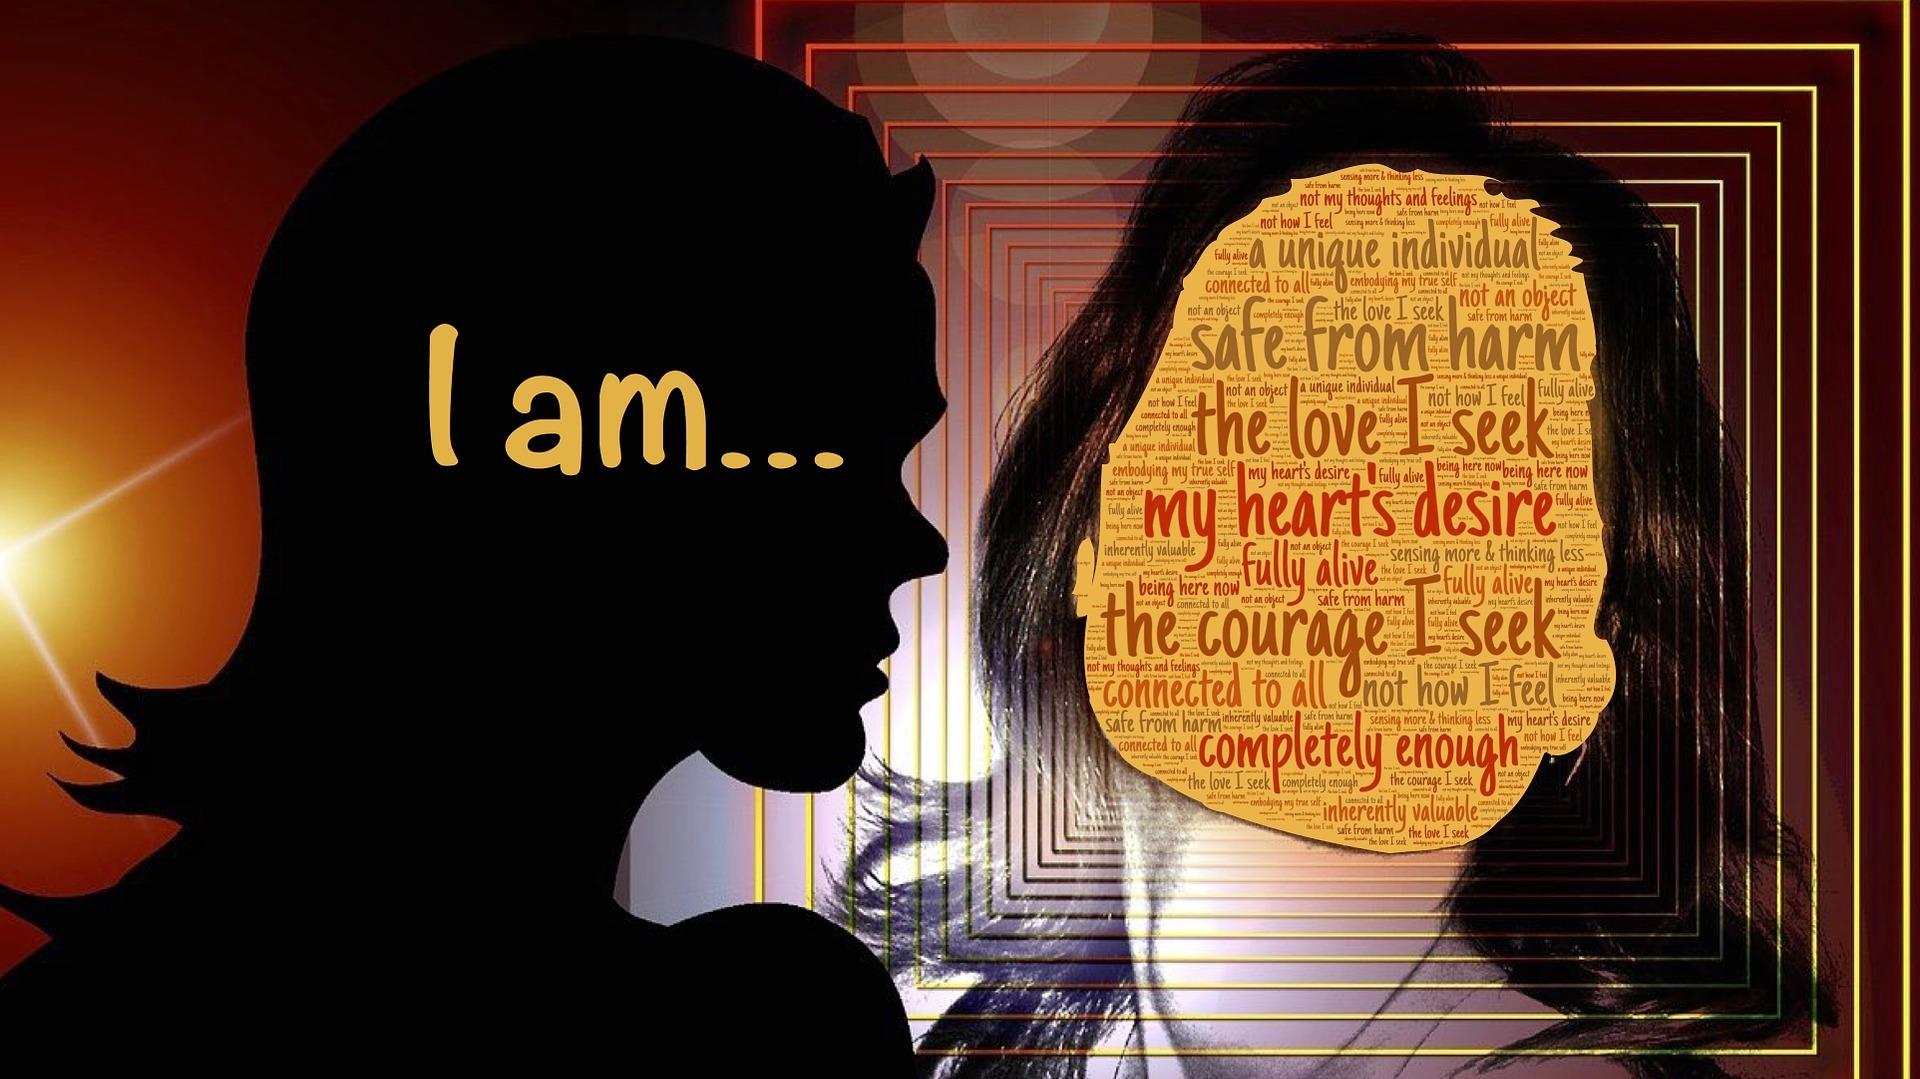 Ξέρω τον εαυτό μου: Η τέχνη της αυτογνωσίας